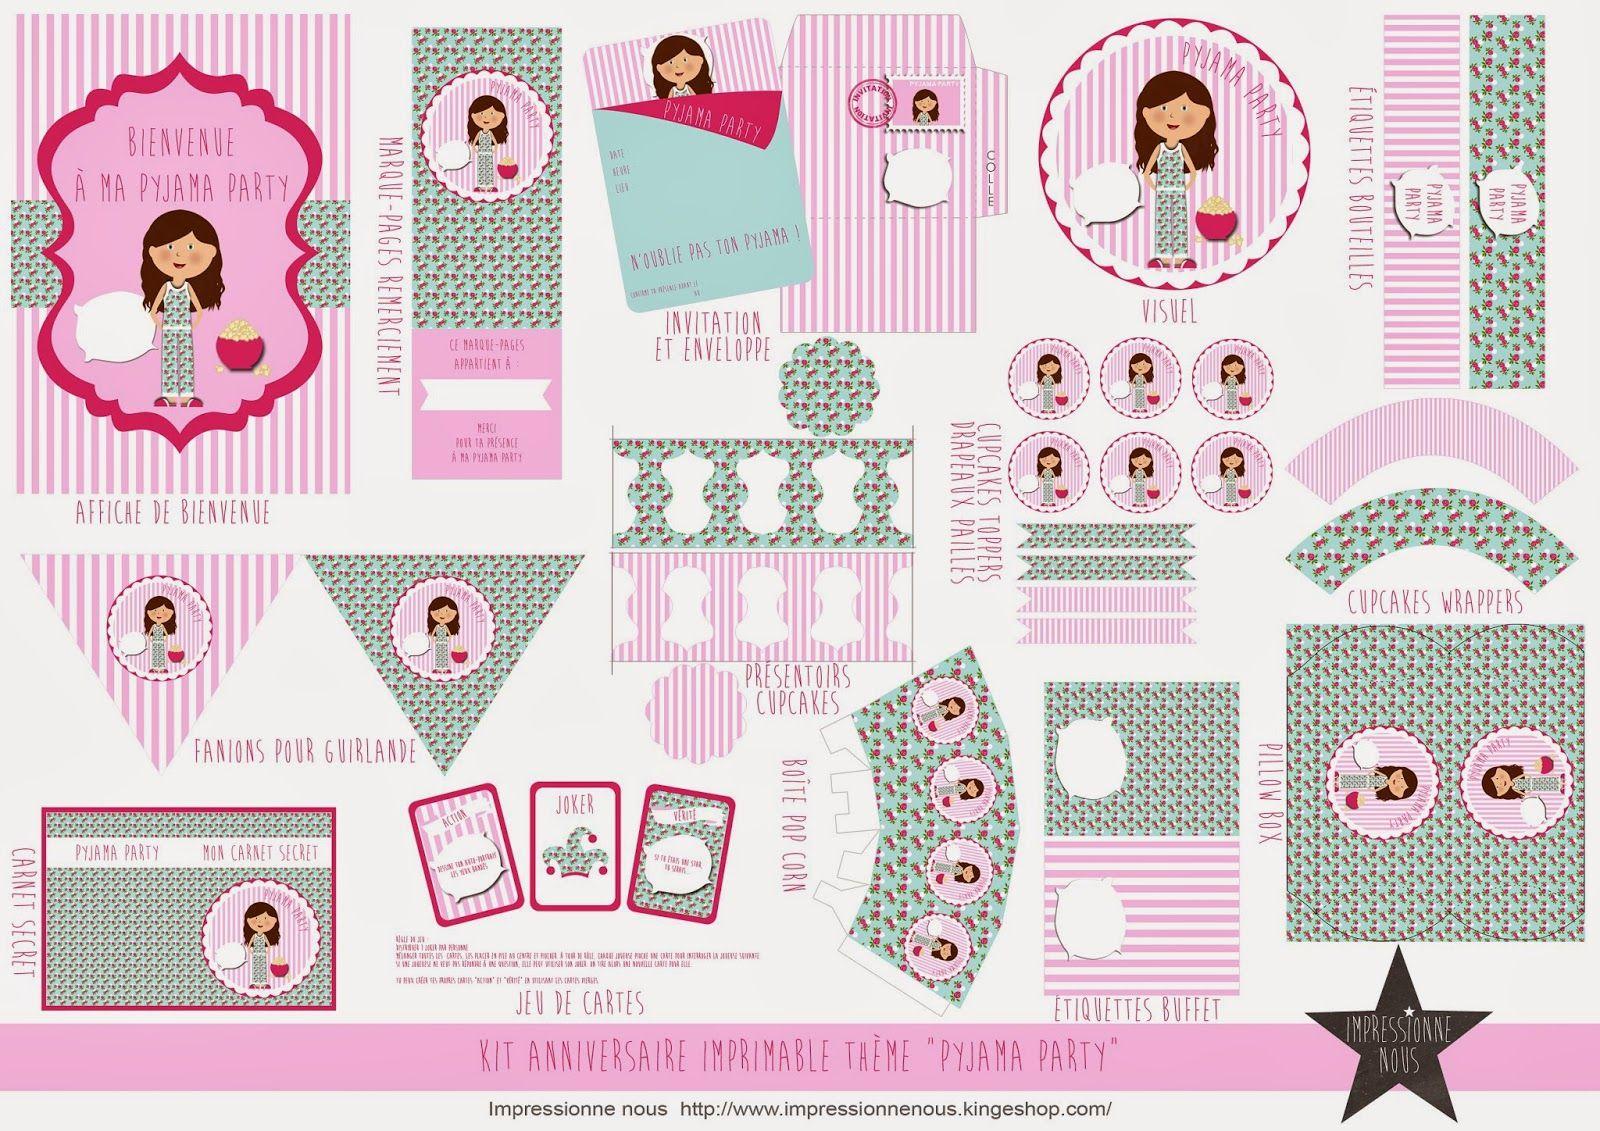 kit a imprimer pyjama party